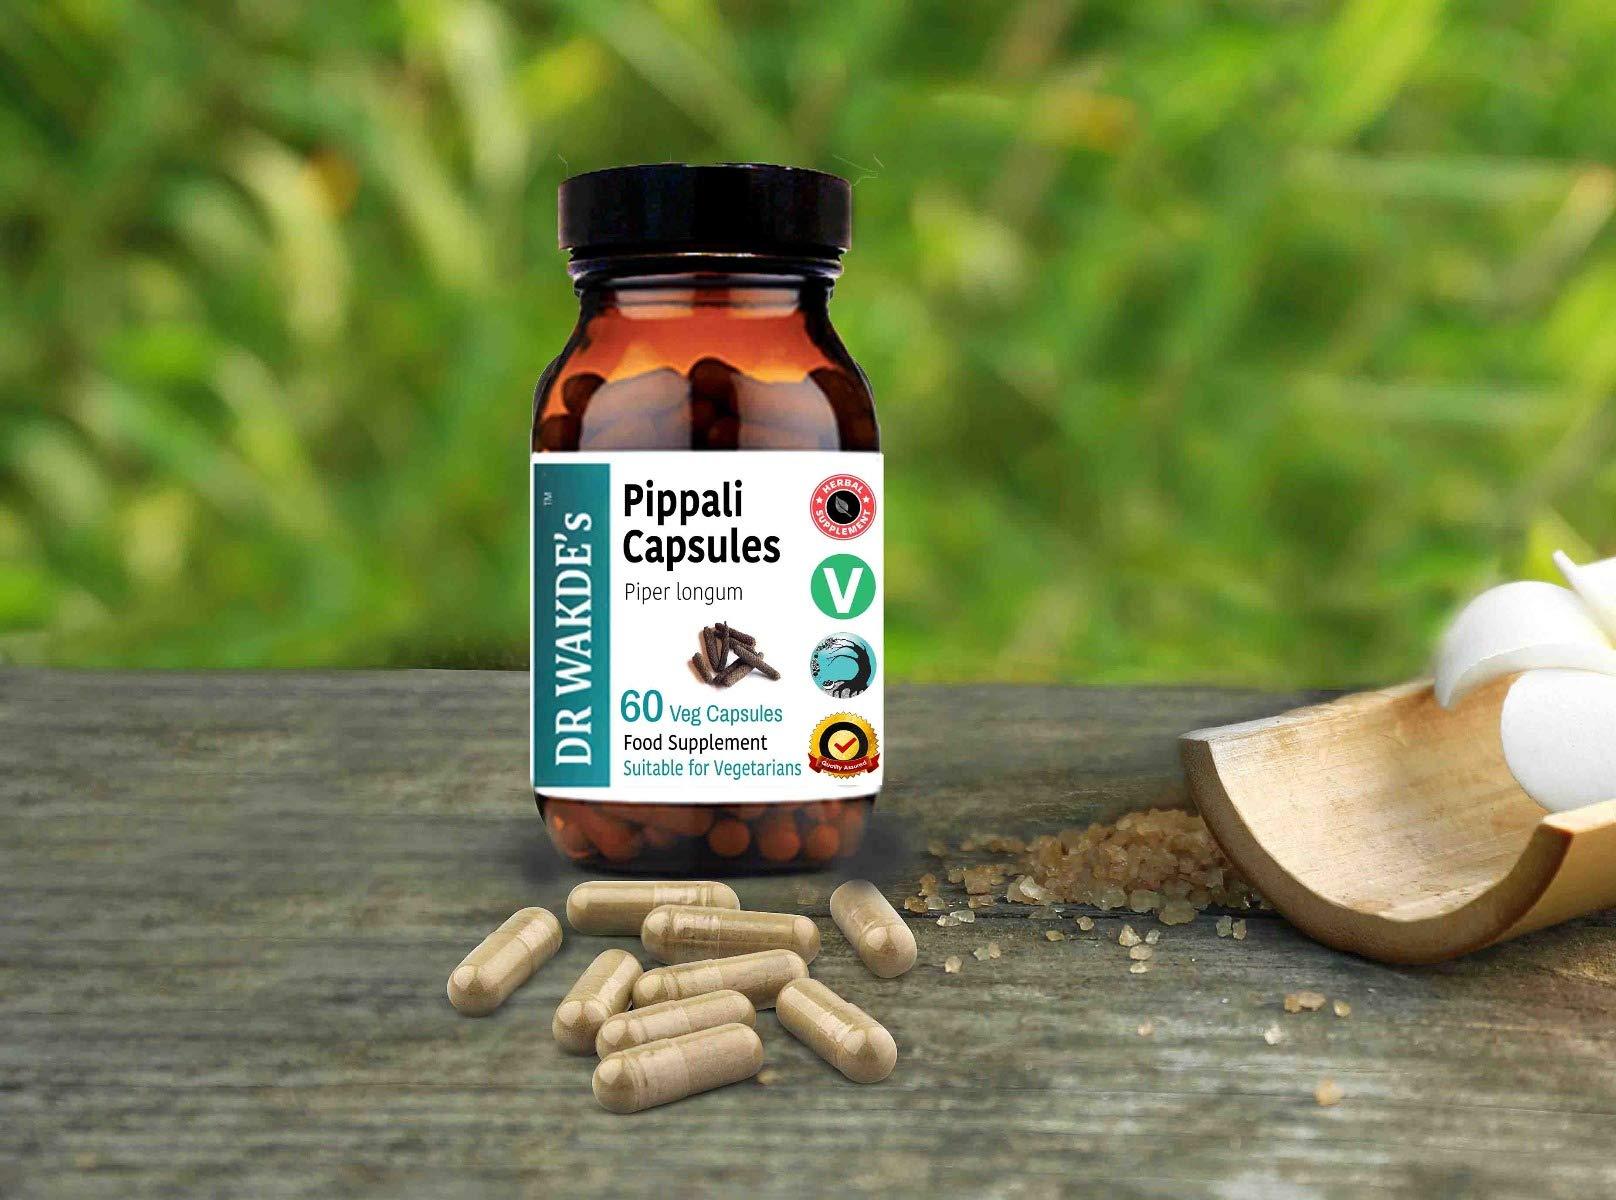 Pippali Capsules (Long Pepper)